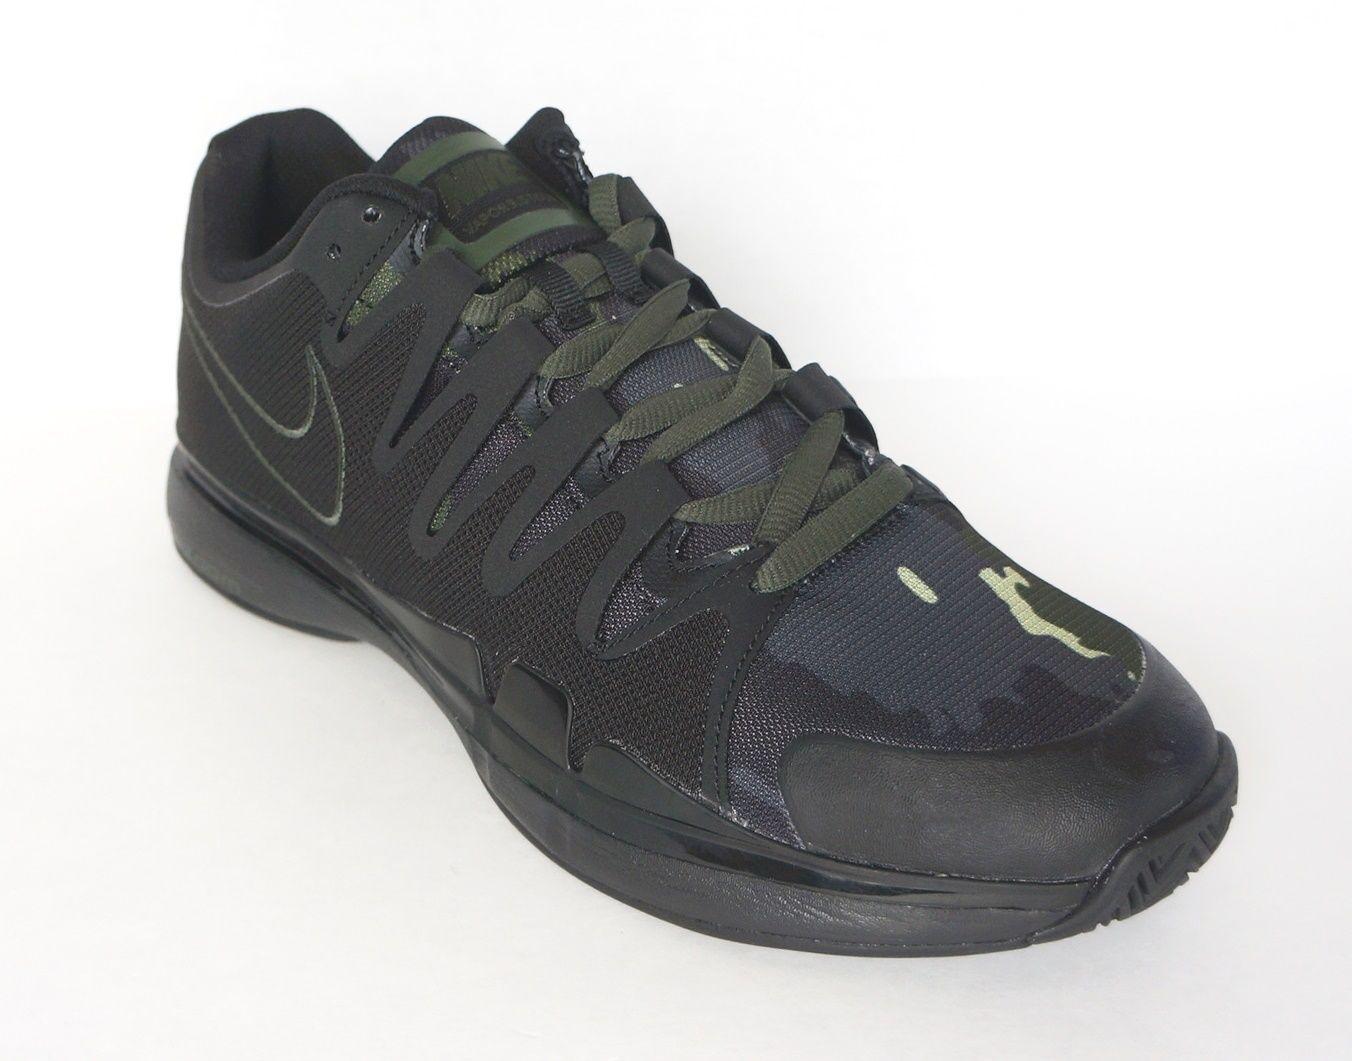 quality design 6e34c 8624f Nike Men Zoom Vapor 9.5 Tour QS Tennis Tennis Tennis Shoes Black Camo  812937-030